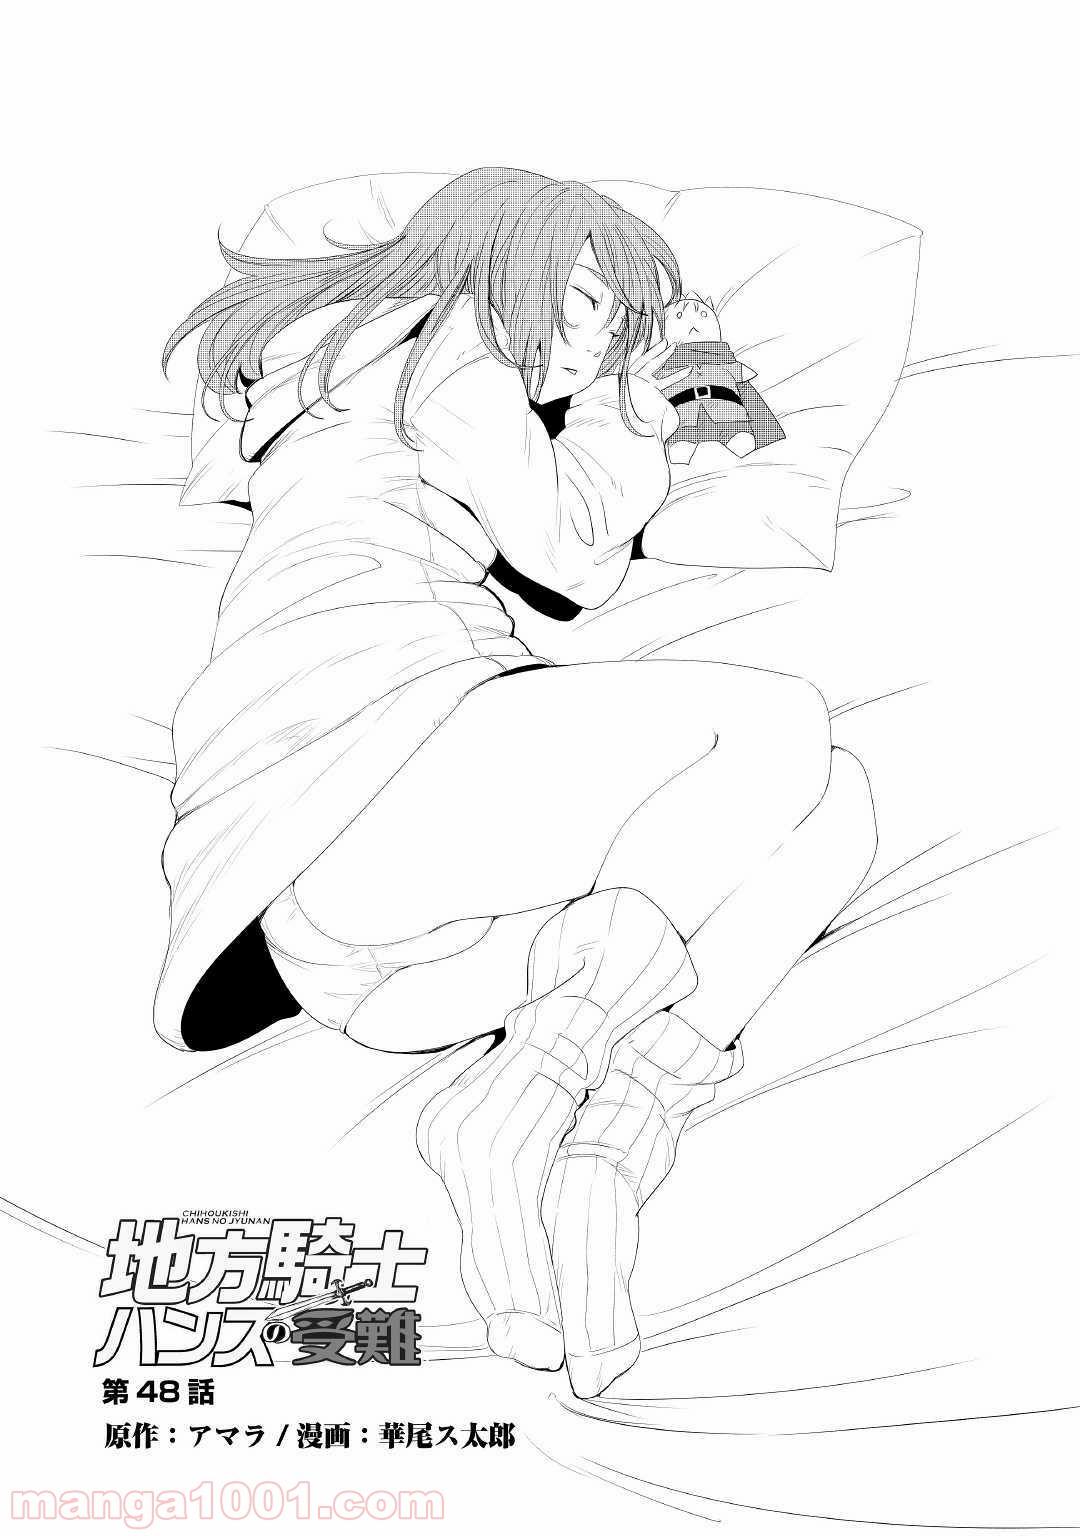 地方騎士ハンスの受難 - Raw 【第48話】 - Manga1001.com